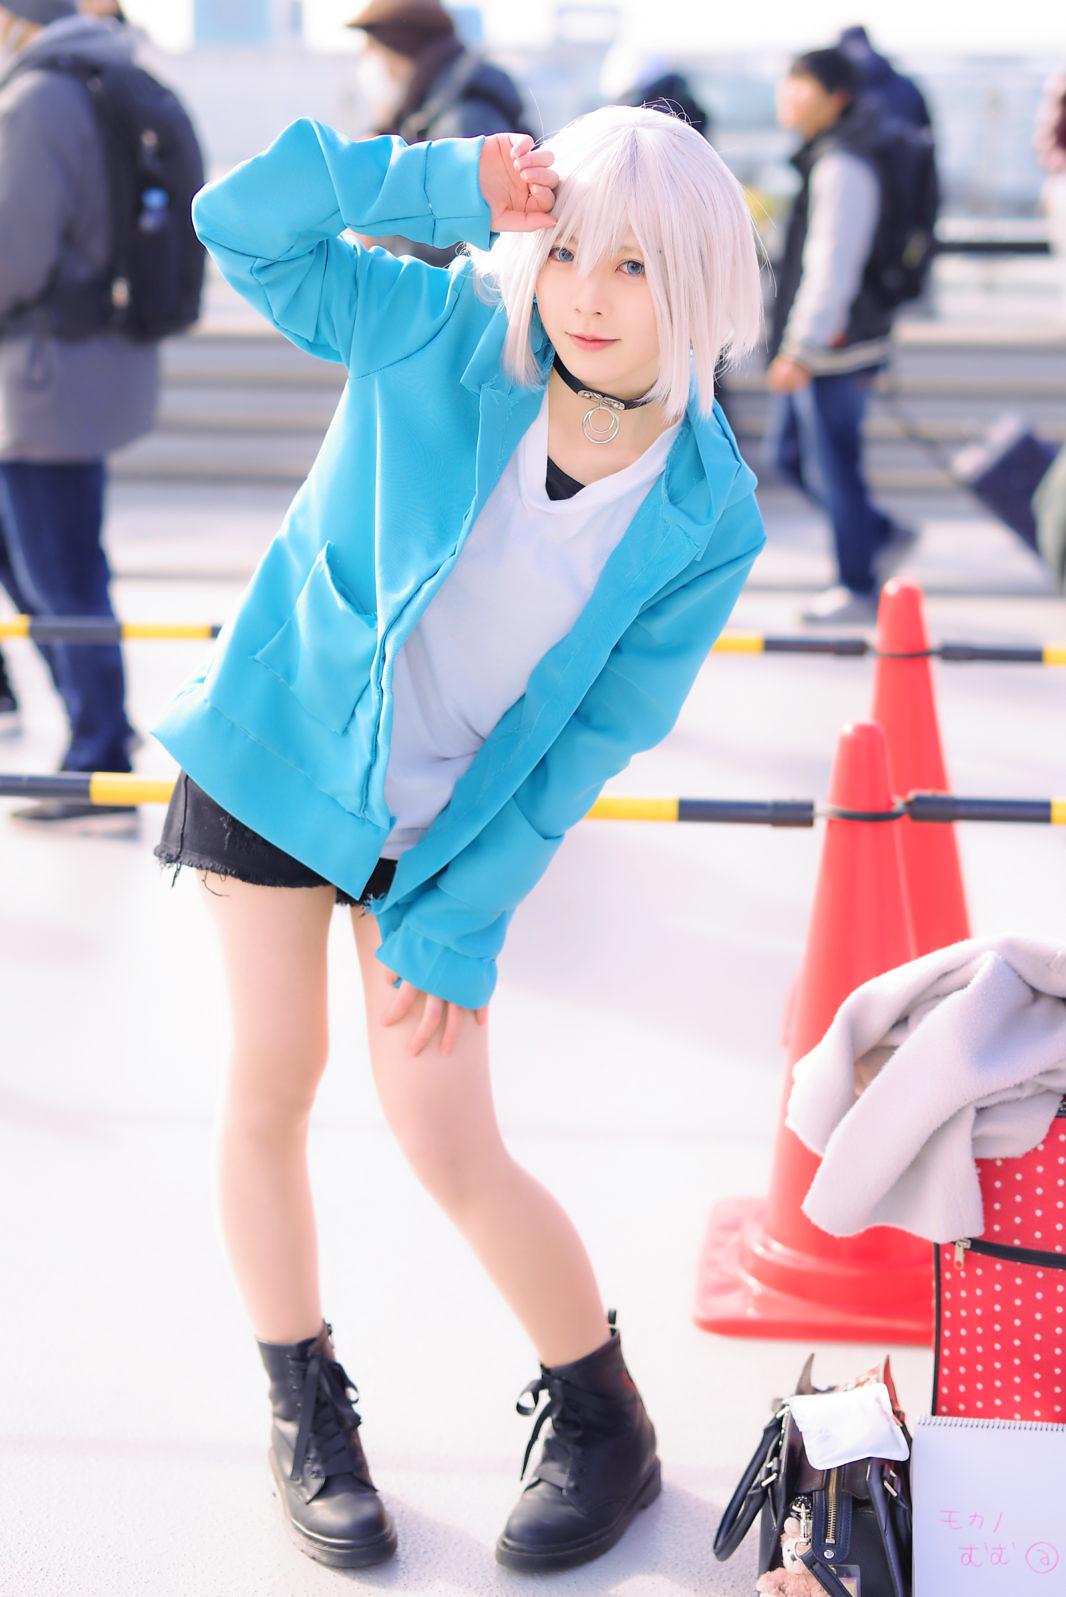 青葉モカ(BanG Dream!)@むむさん | PENTAX K-1&D FA★50mm&Cactus V6II&RF60X